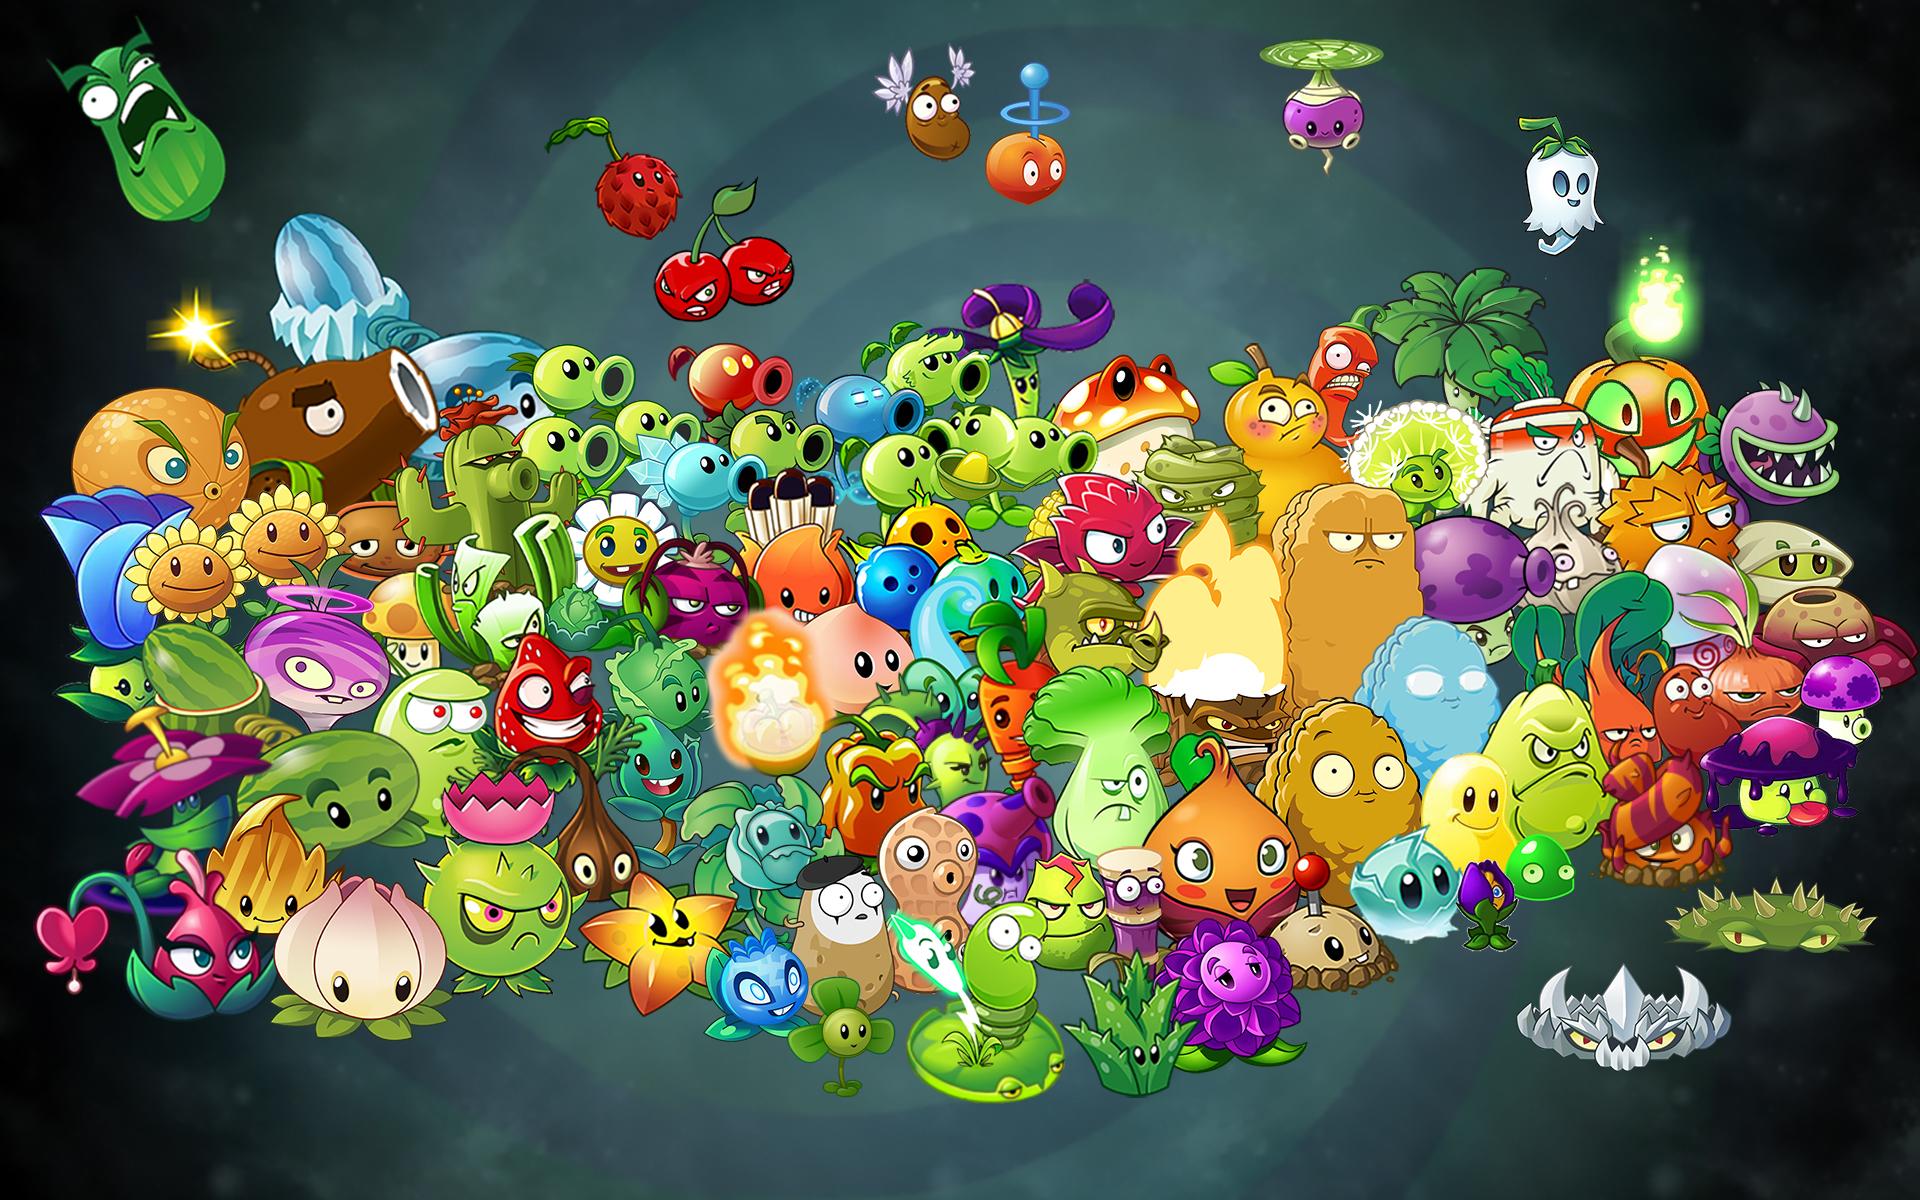 Imagen plants vs zombies 2 wiki plants for Jardin zen plantas vs zombies